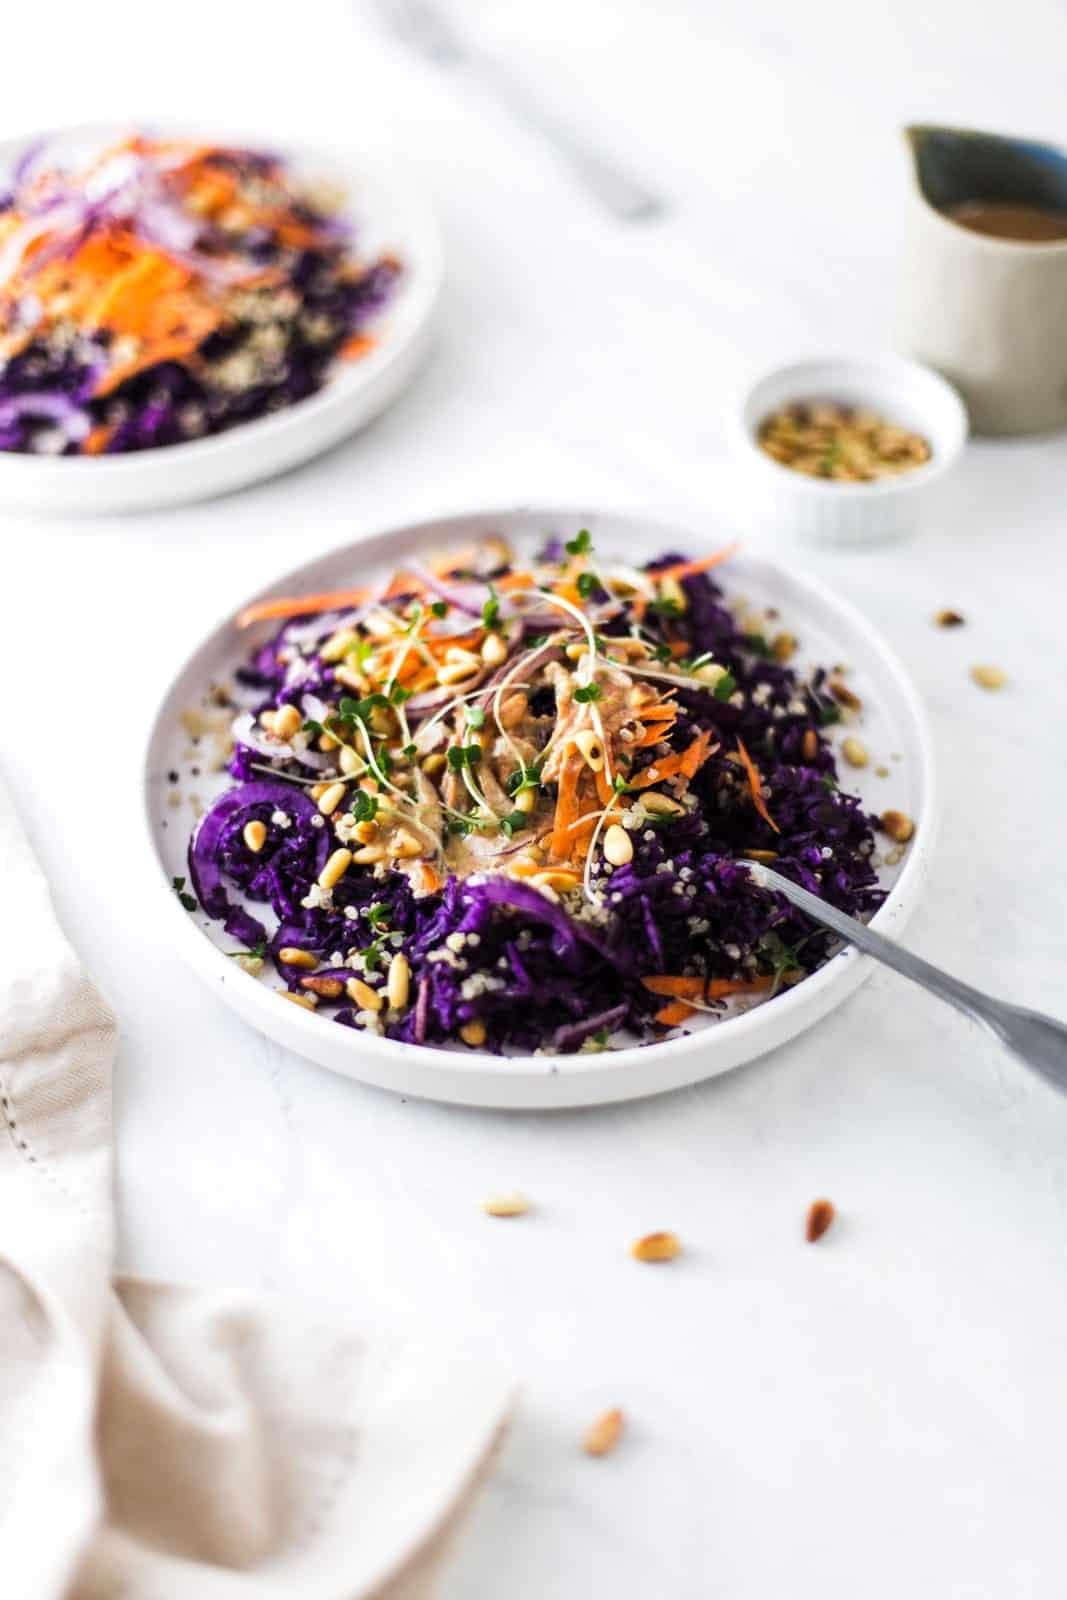 quinoa-rainbow-salad-vegan-cabbage-carrot (3 of 3)